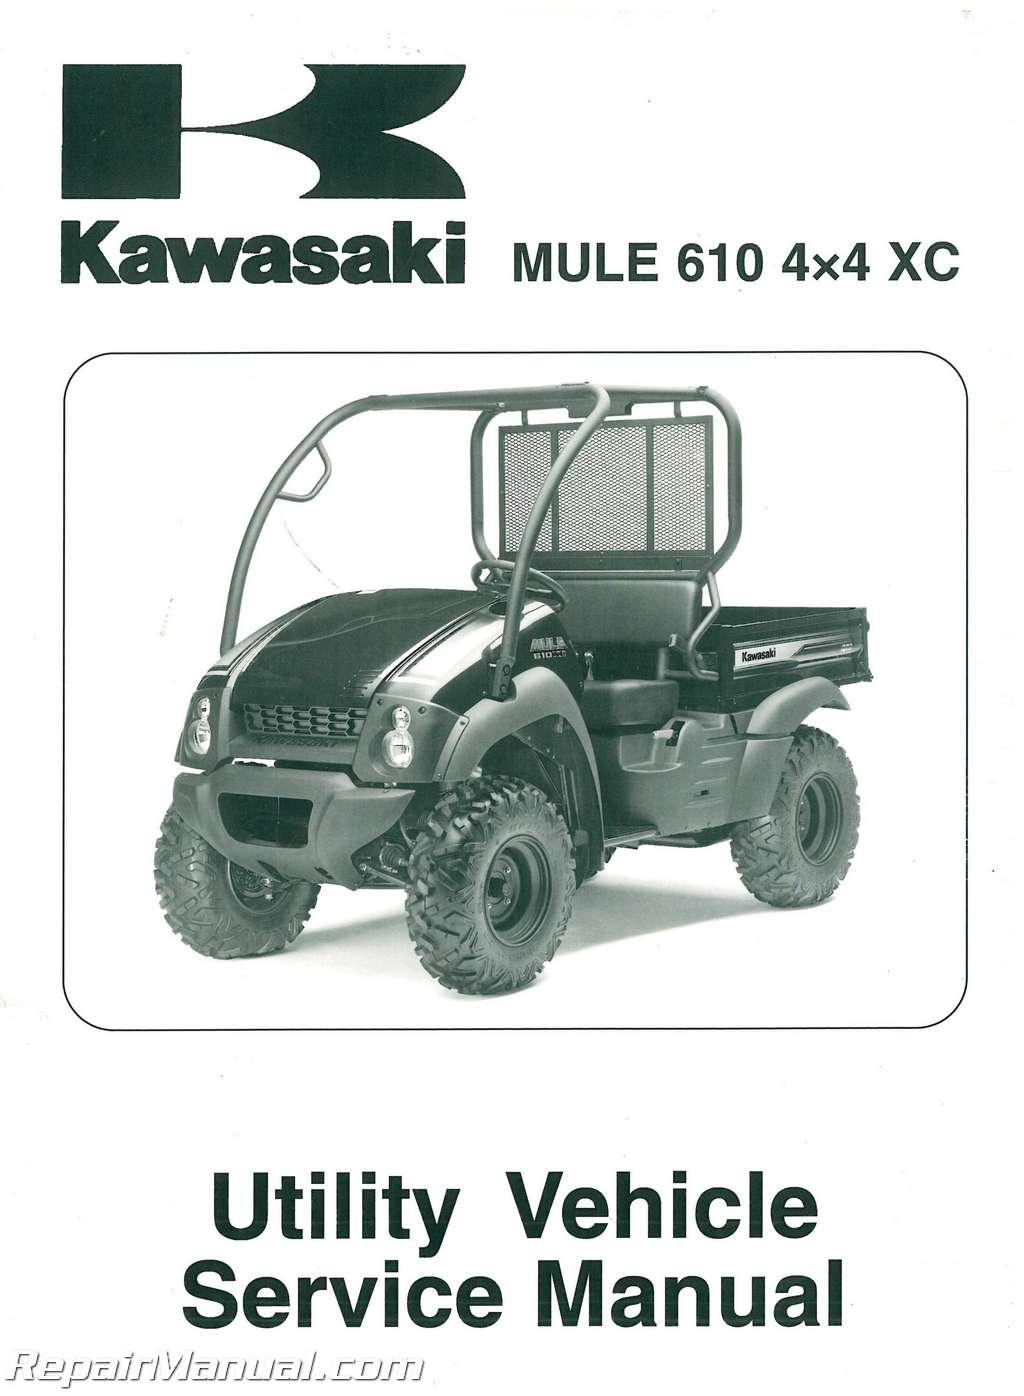 2010 2011 kawasaki kaf400d mule 610 4 u00d74 xc service manual 2006 kawasaki mule 610 owner's manual Kawasaki Mule 610 Parts Diagram